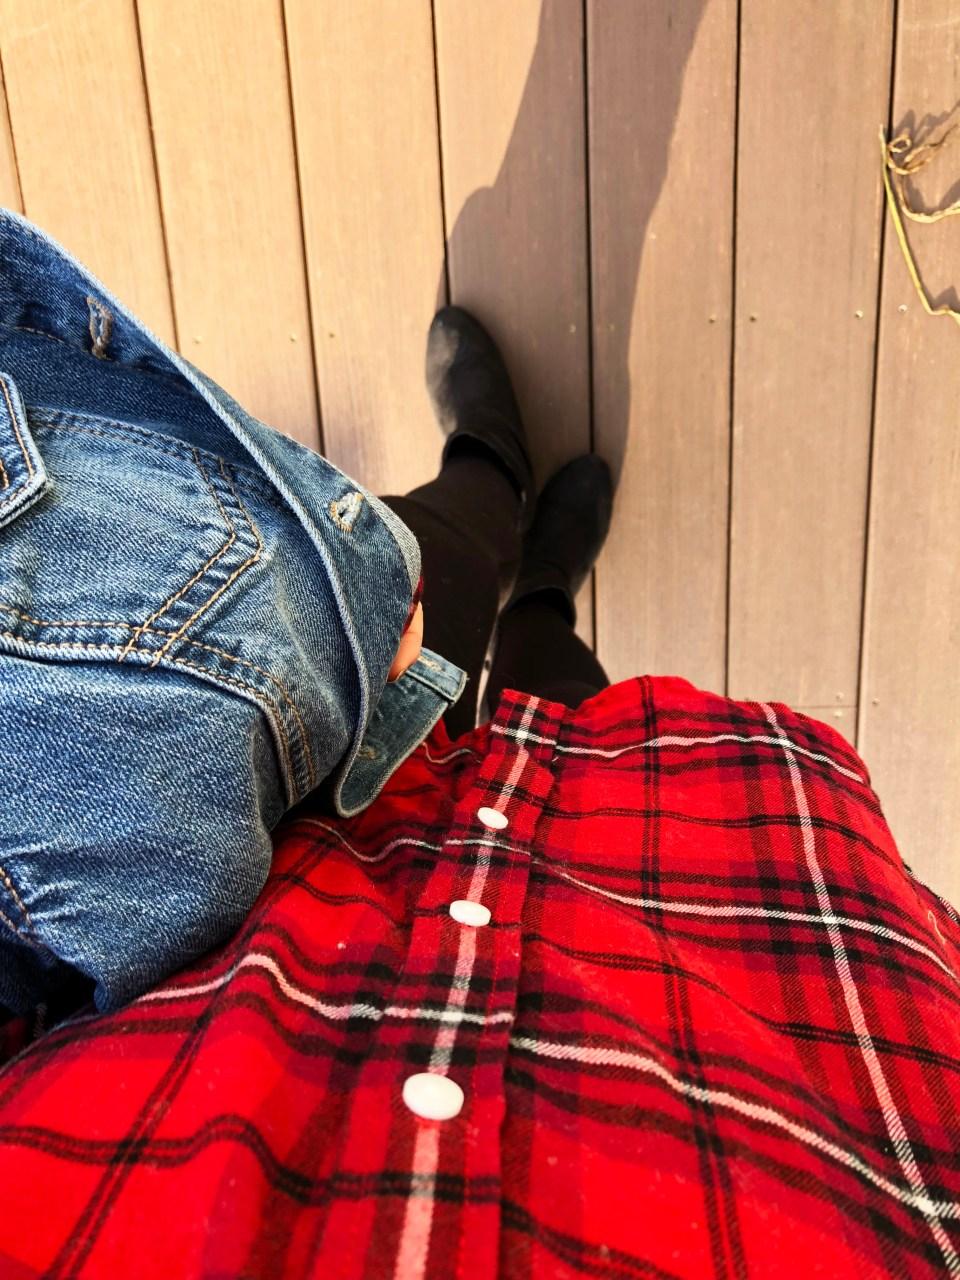 Plaid & Lace Top + Denim Jacket 11